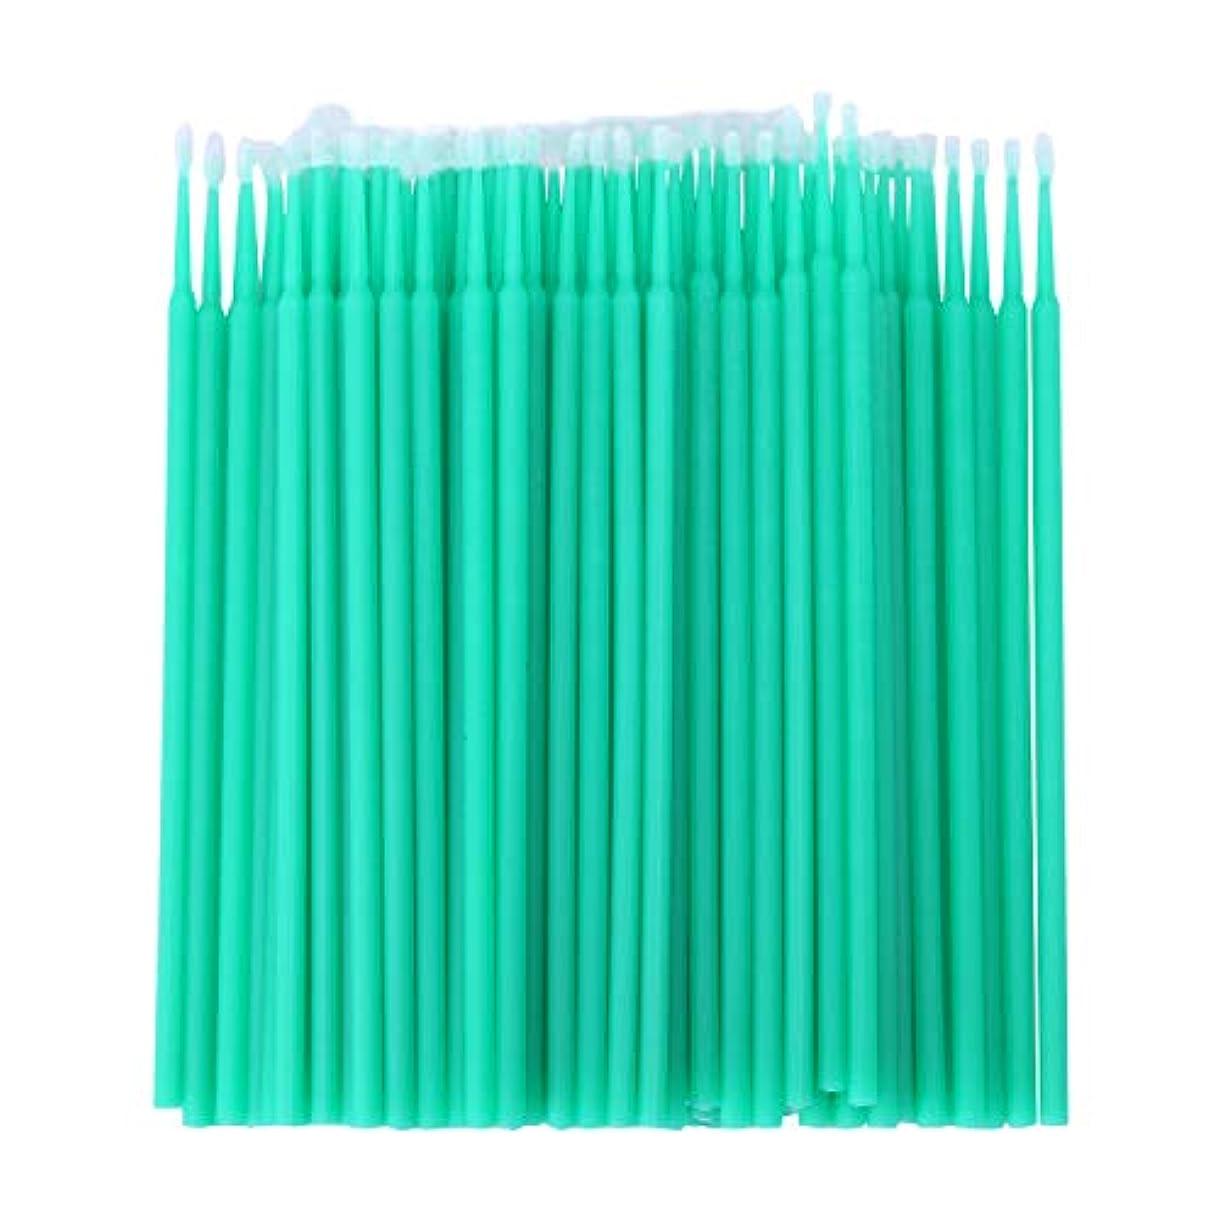 誇りに思う習熟度誘導WOVELOT 100個 歯科用マイクロブラシ 使い捨て材料 歯用アプリケーター ミディアムファイン(ライトグリーン)